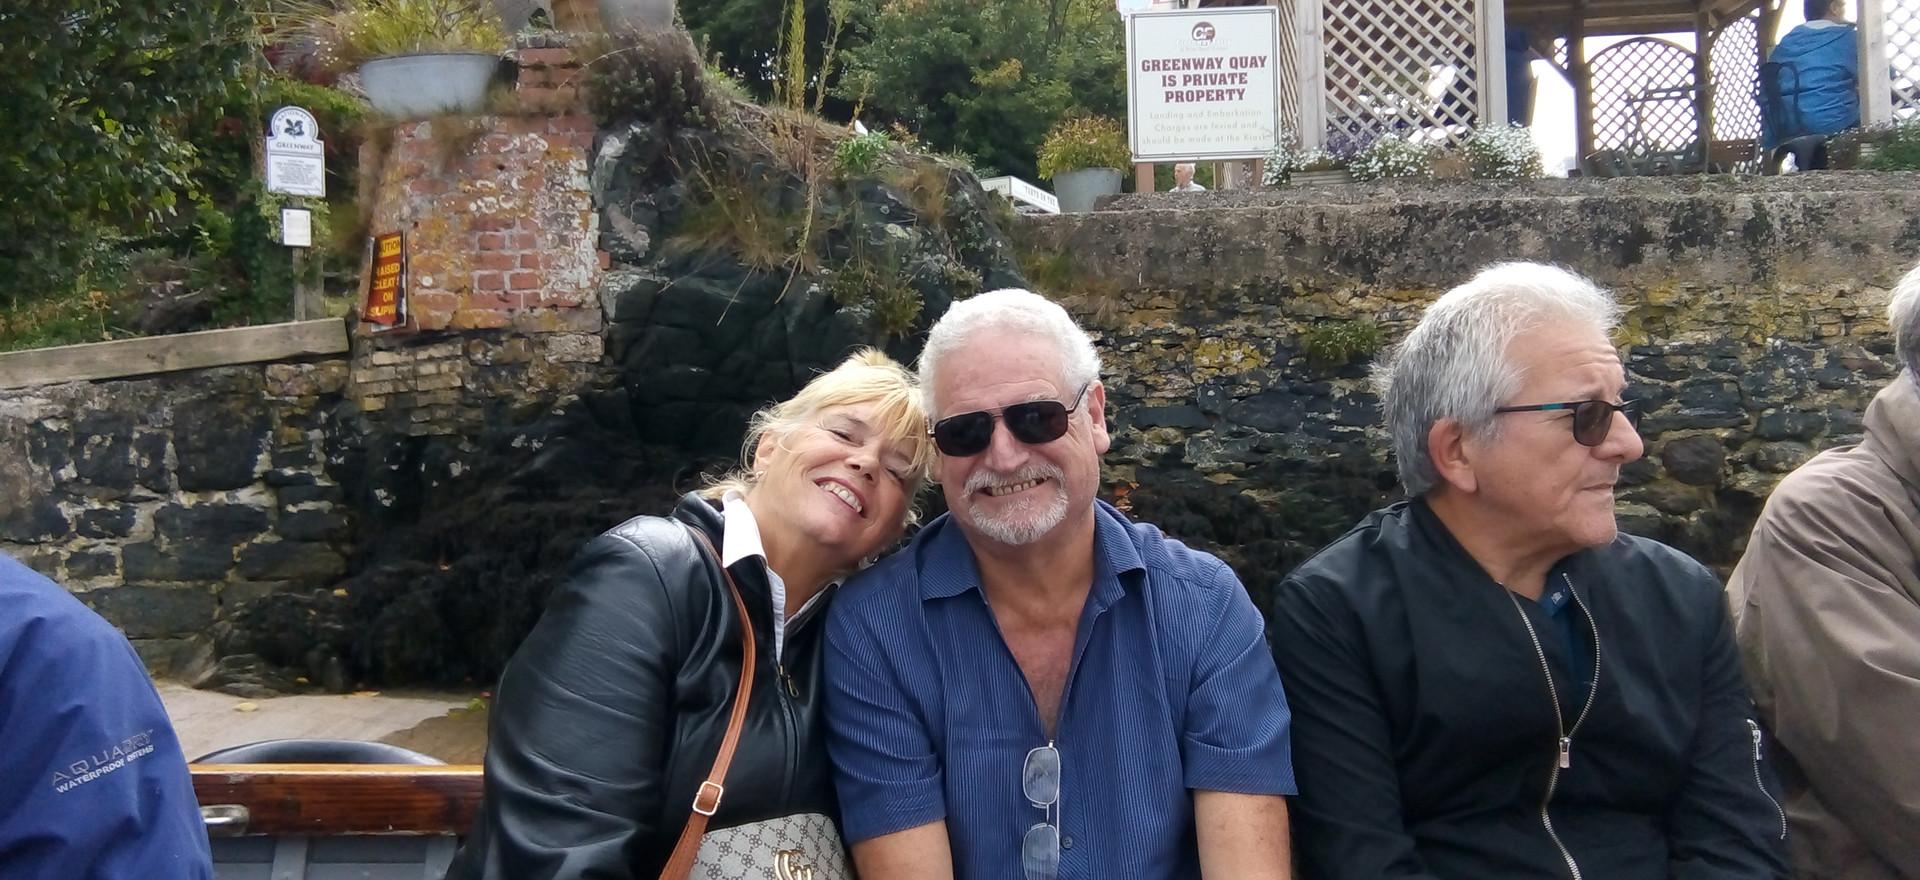 Sharon, Ross and Steve